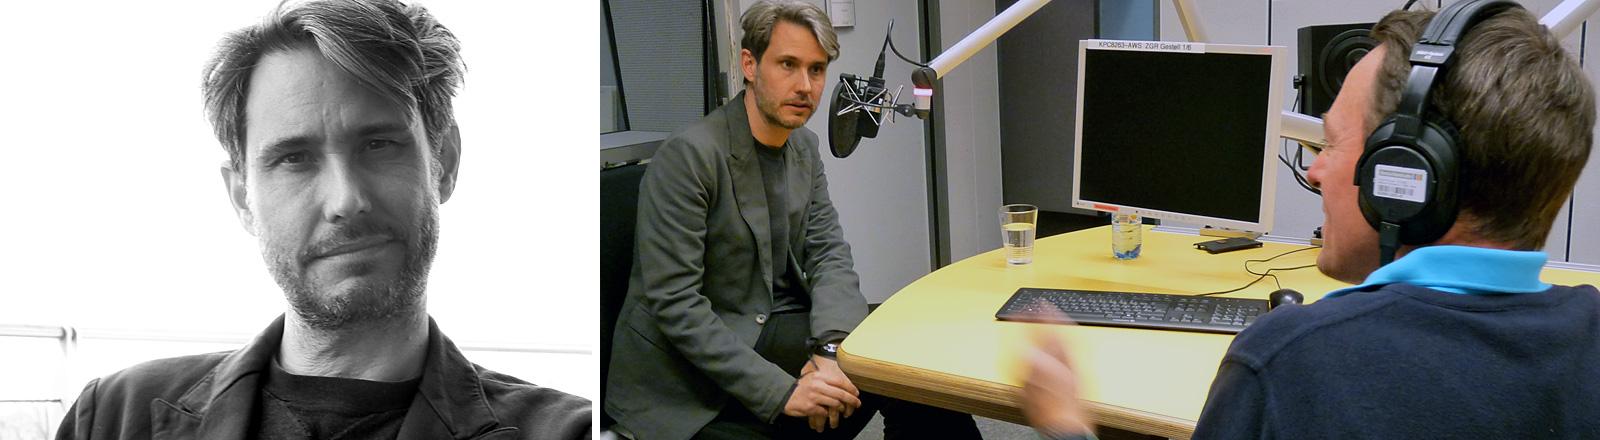 Dirk von Lowtzow im DRadio-Wissen Studio